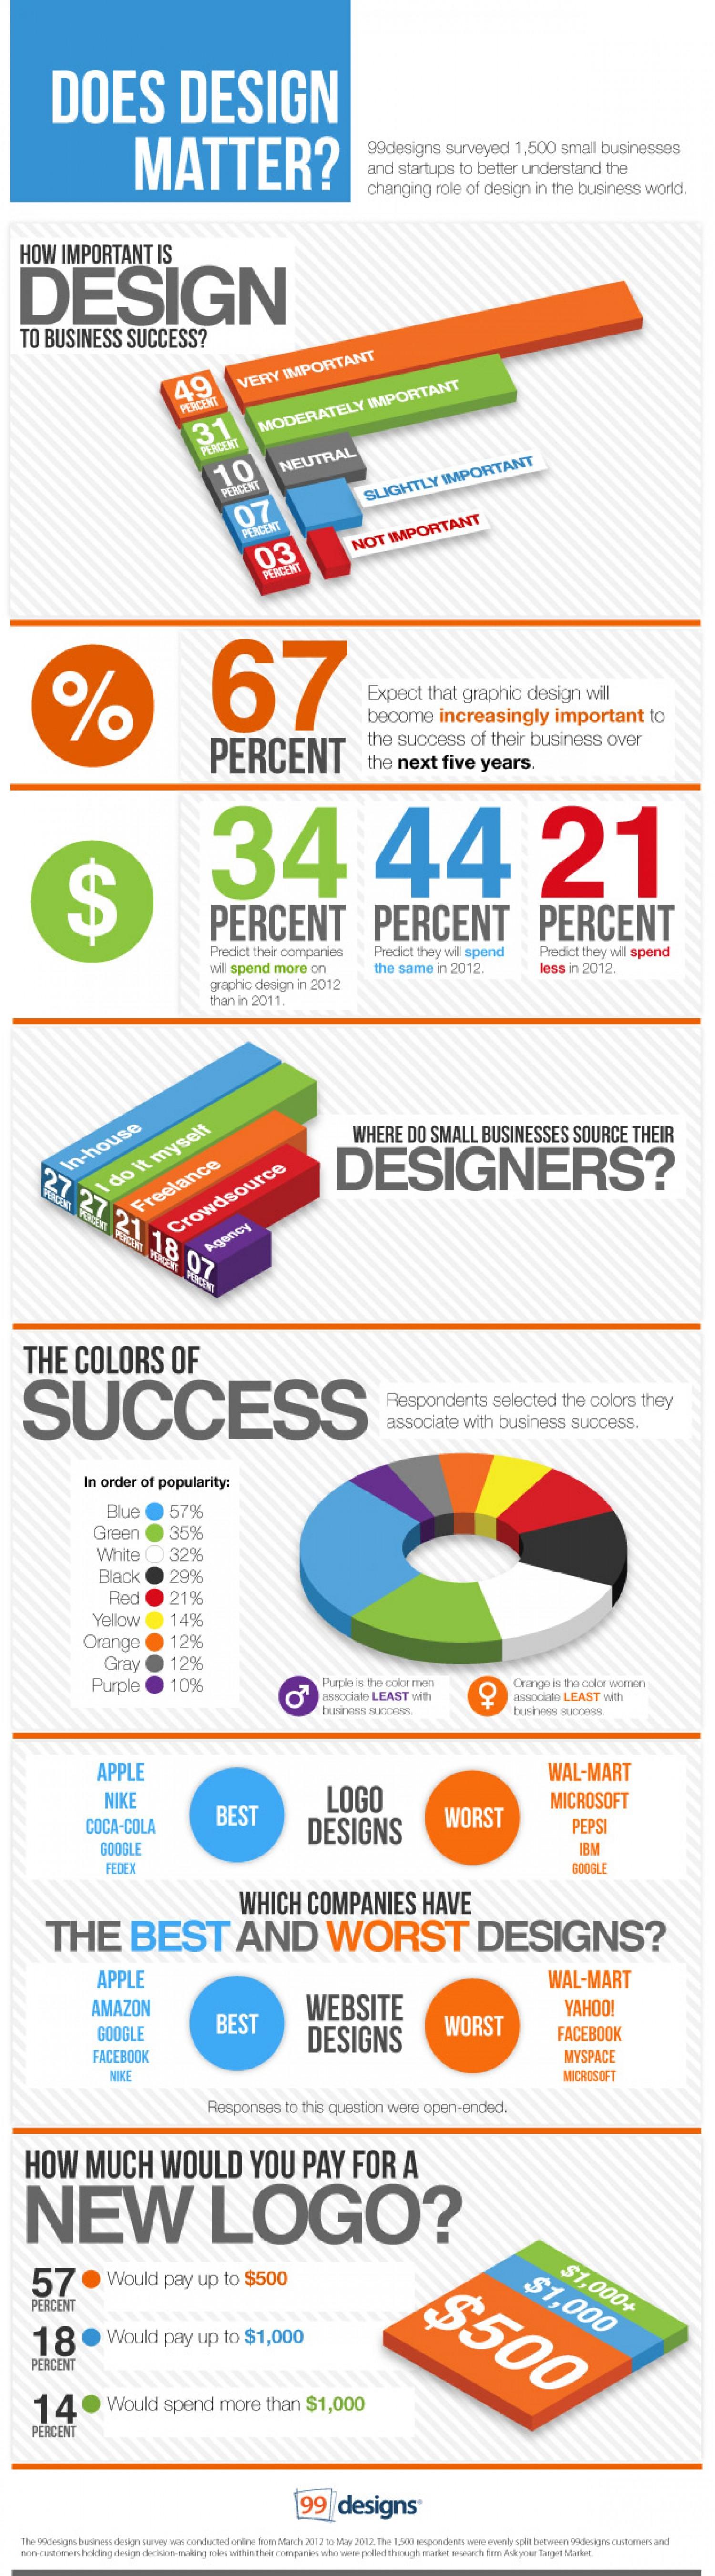 Does Design Matter